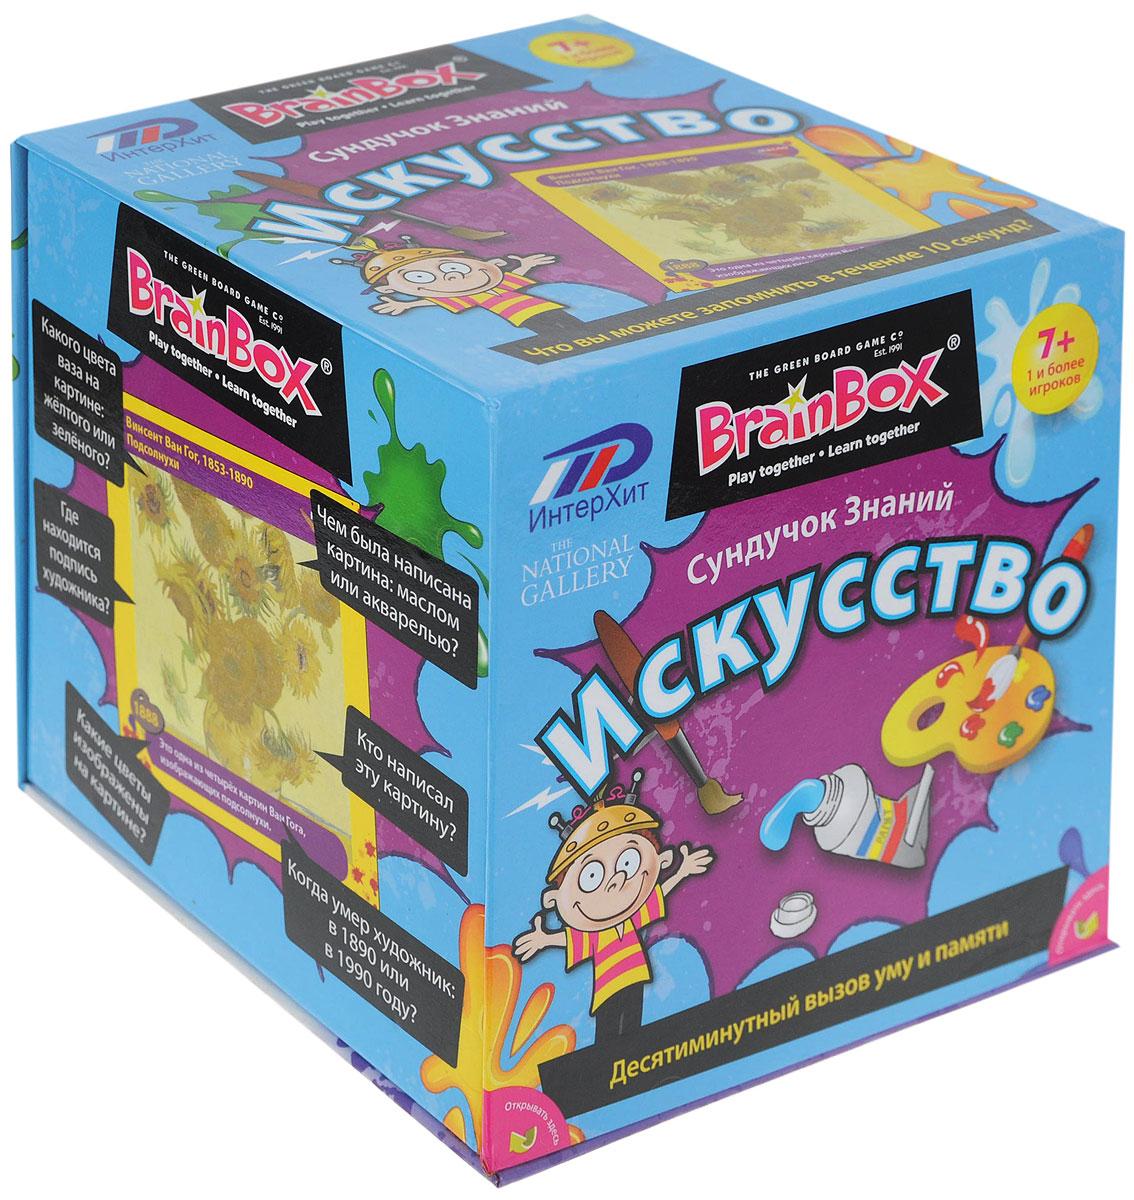 BrainBox Настольная игра Сундучок знаний Искусство -